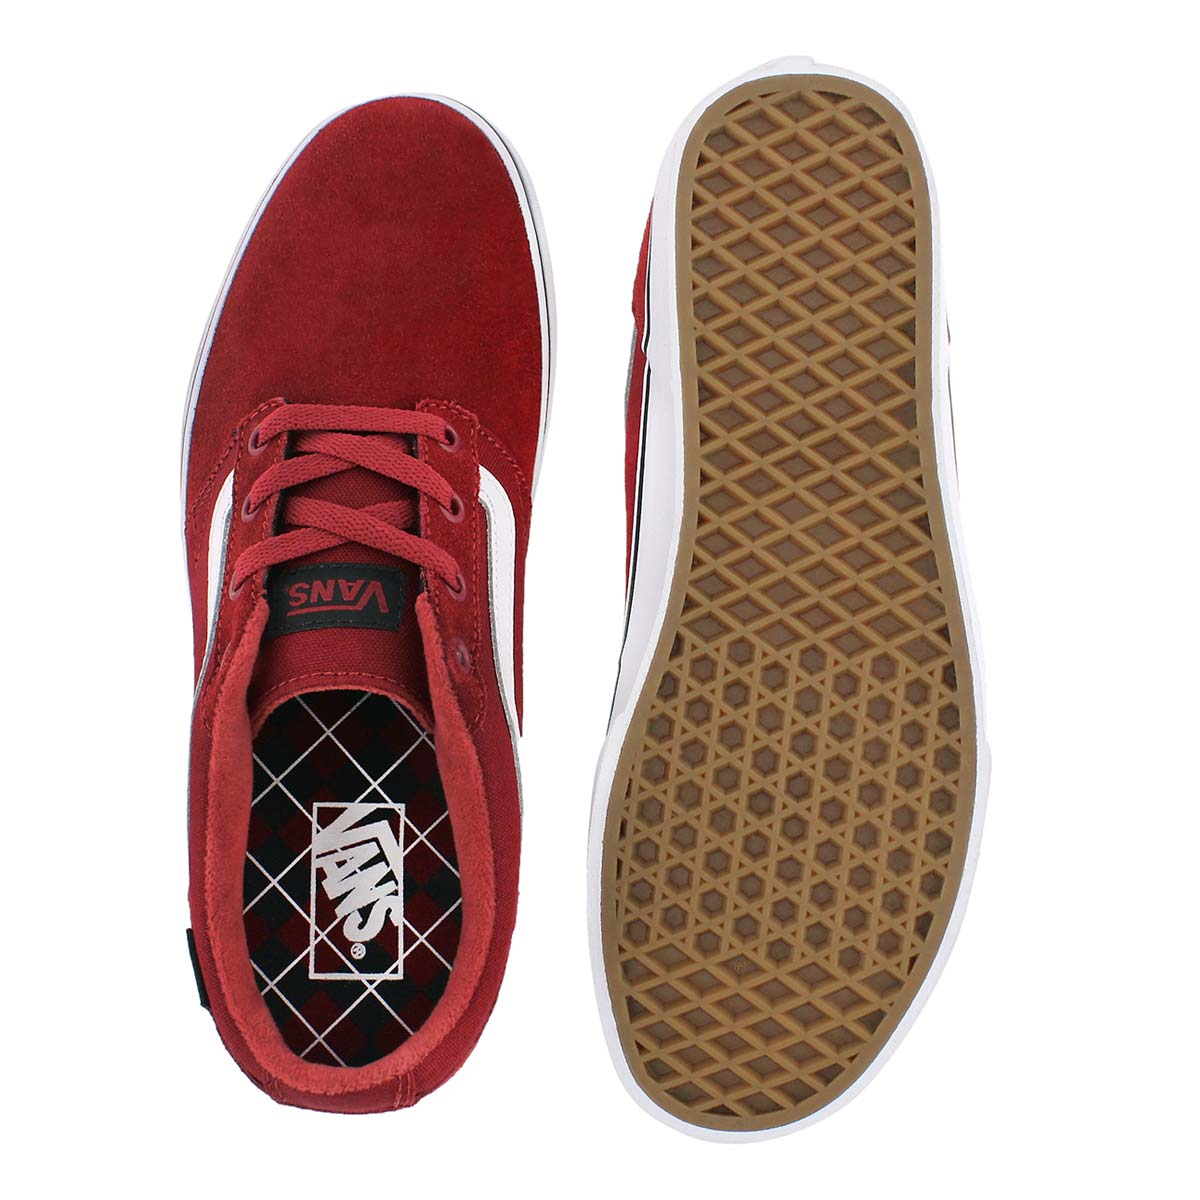 Mns Chapman Stripe red/black sneaker